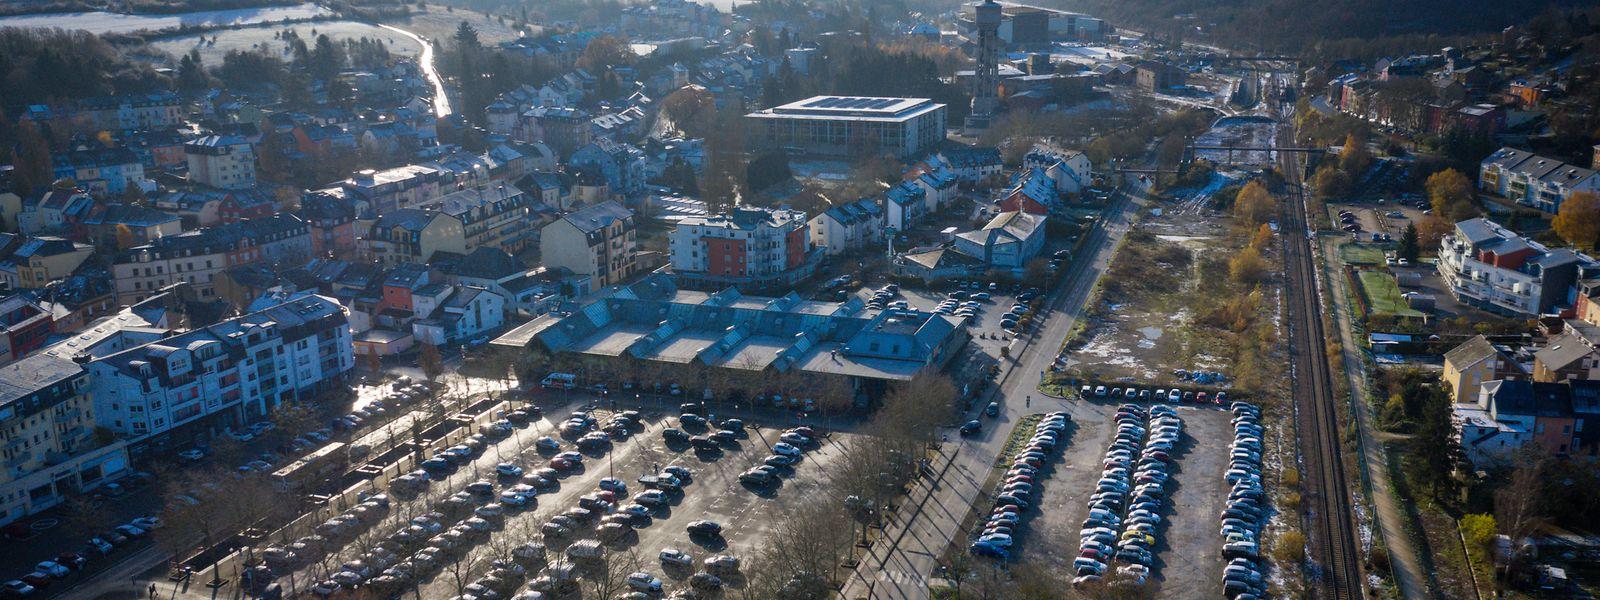 Le parking de la place Jean Fohrmann sera bientôt souterrain. Sur une partie de la place, du côté de la route de Thionville, un nouveau bâtiment sera construit. Cette route sera déplacée plus près des rails (à droite sur la photo).